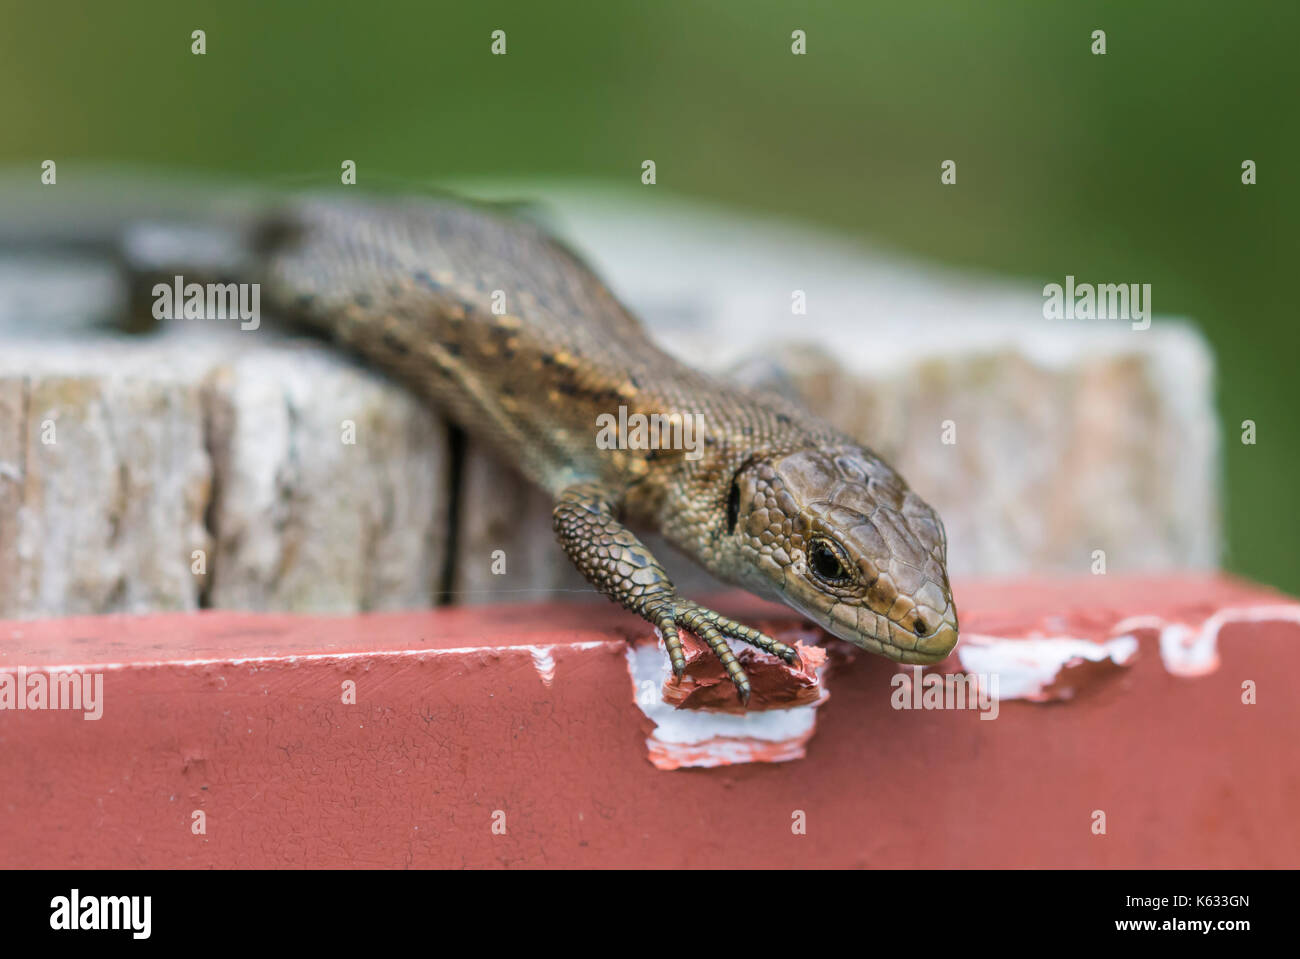 Lucertola comune per adulti (Zootoca vivipara), Aka lucertola vivipara o lucertola eurasiatico in prossimità di acqua, in autunno nel sud dell'Inghilterra, Regno Unito. Lizard closeup. Foto Stock